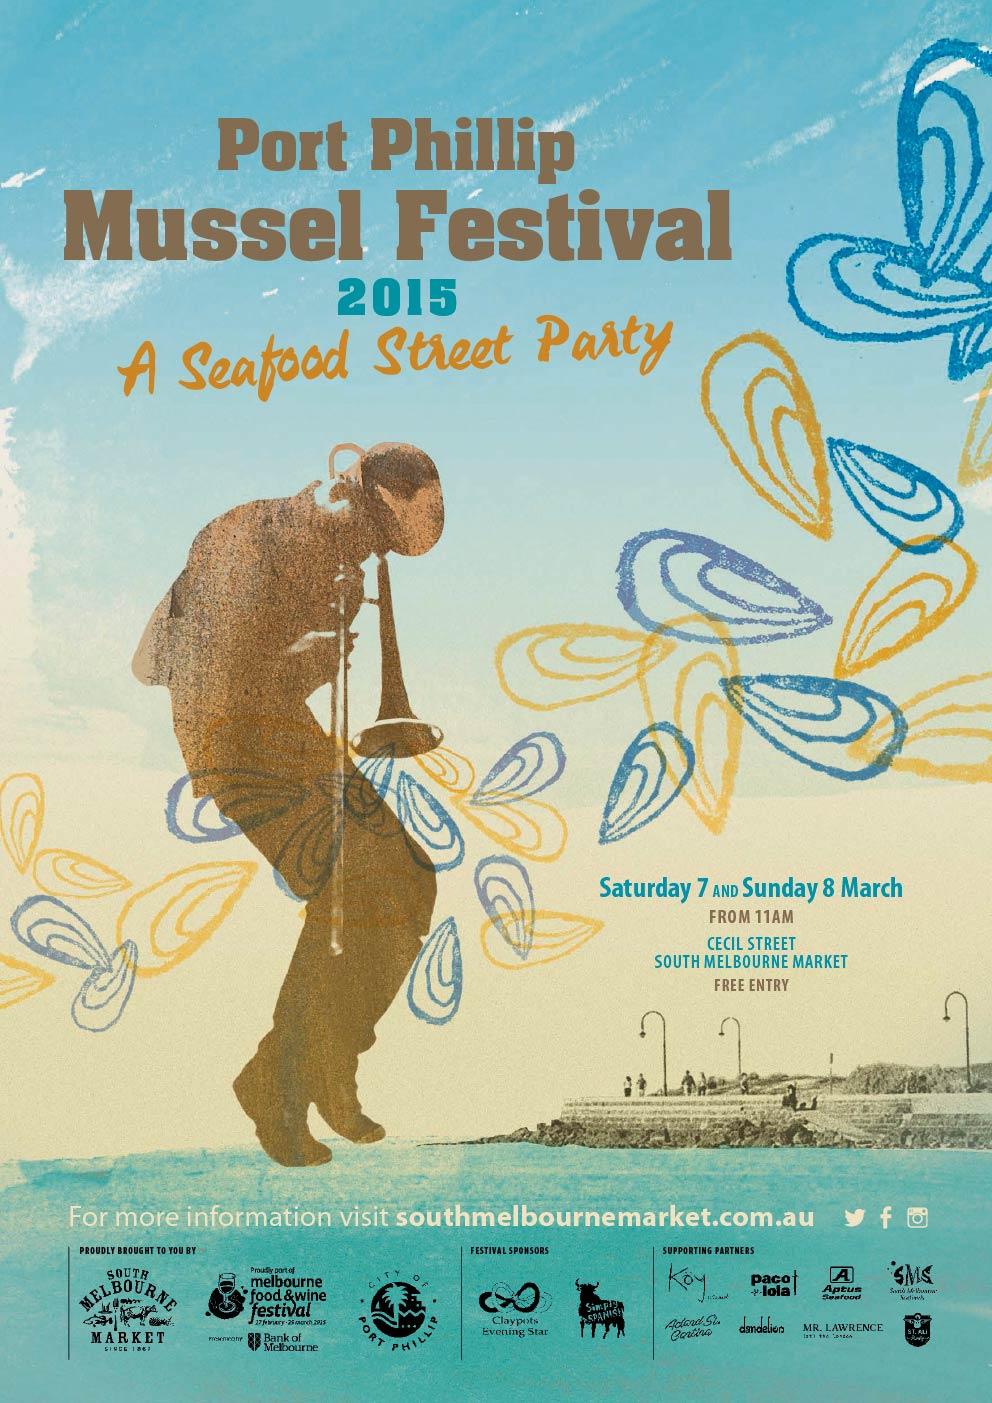 Port Philip Mussel Festival